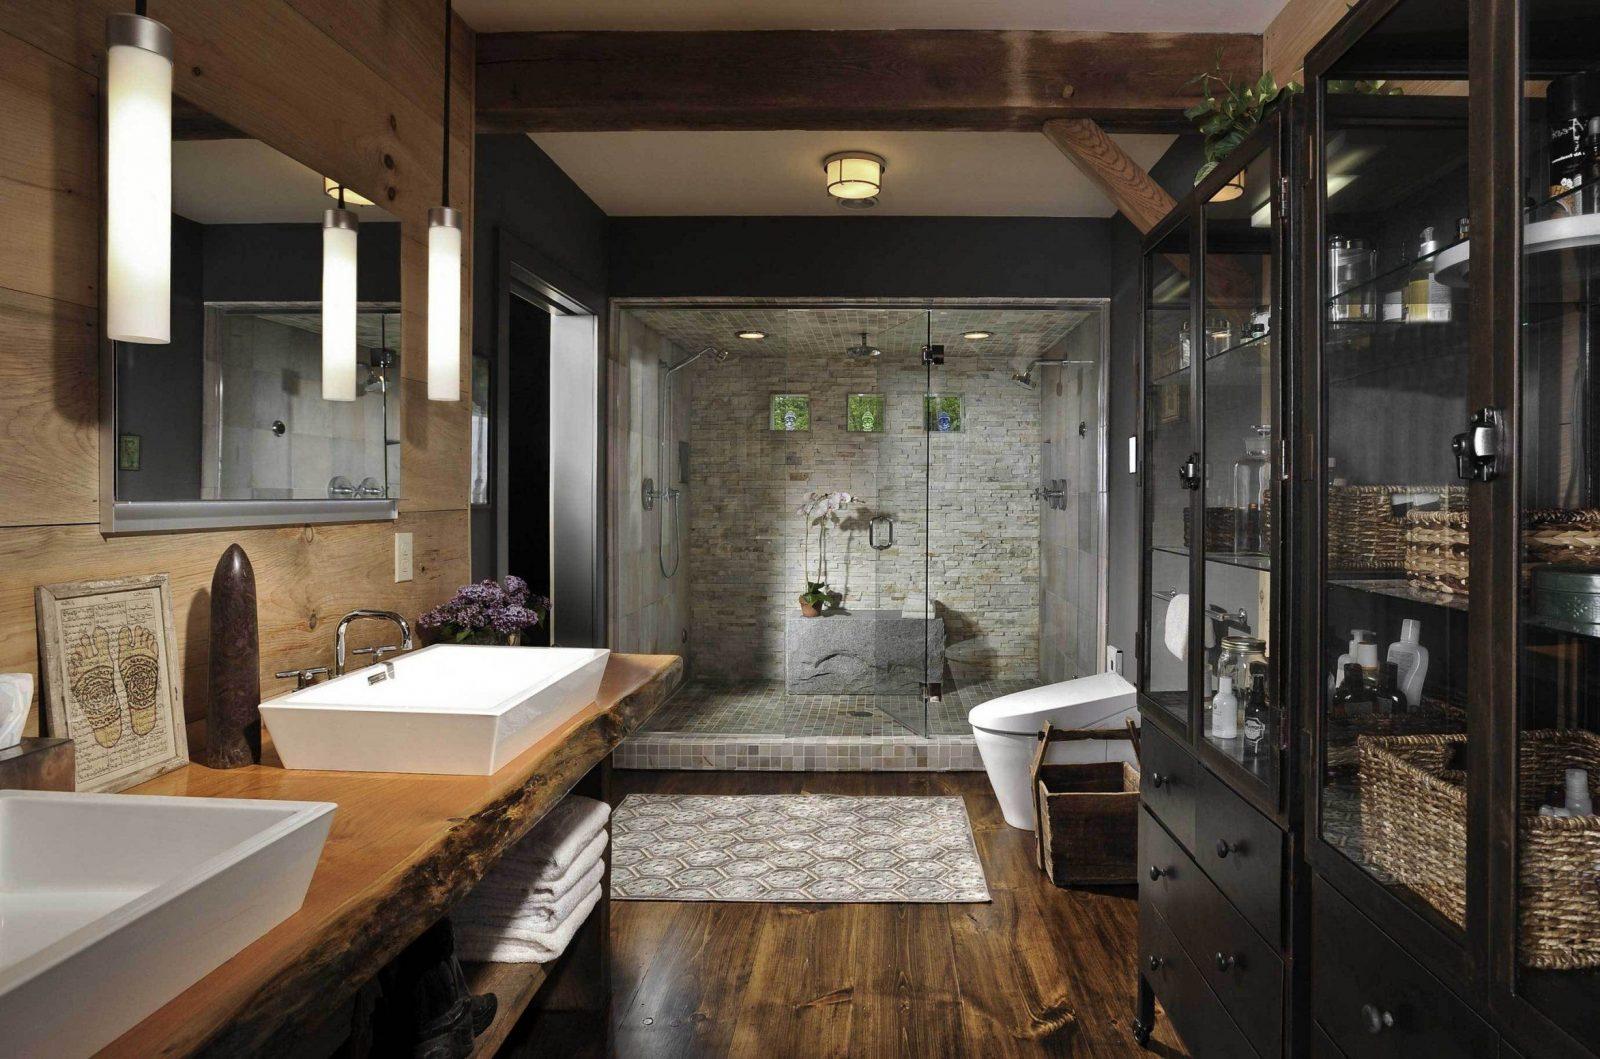 Astounding Inspiration Badezimmer Ideen Holz  Home Design Ideas von Badezimmer Ideen Mit Holz Bild